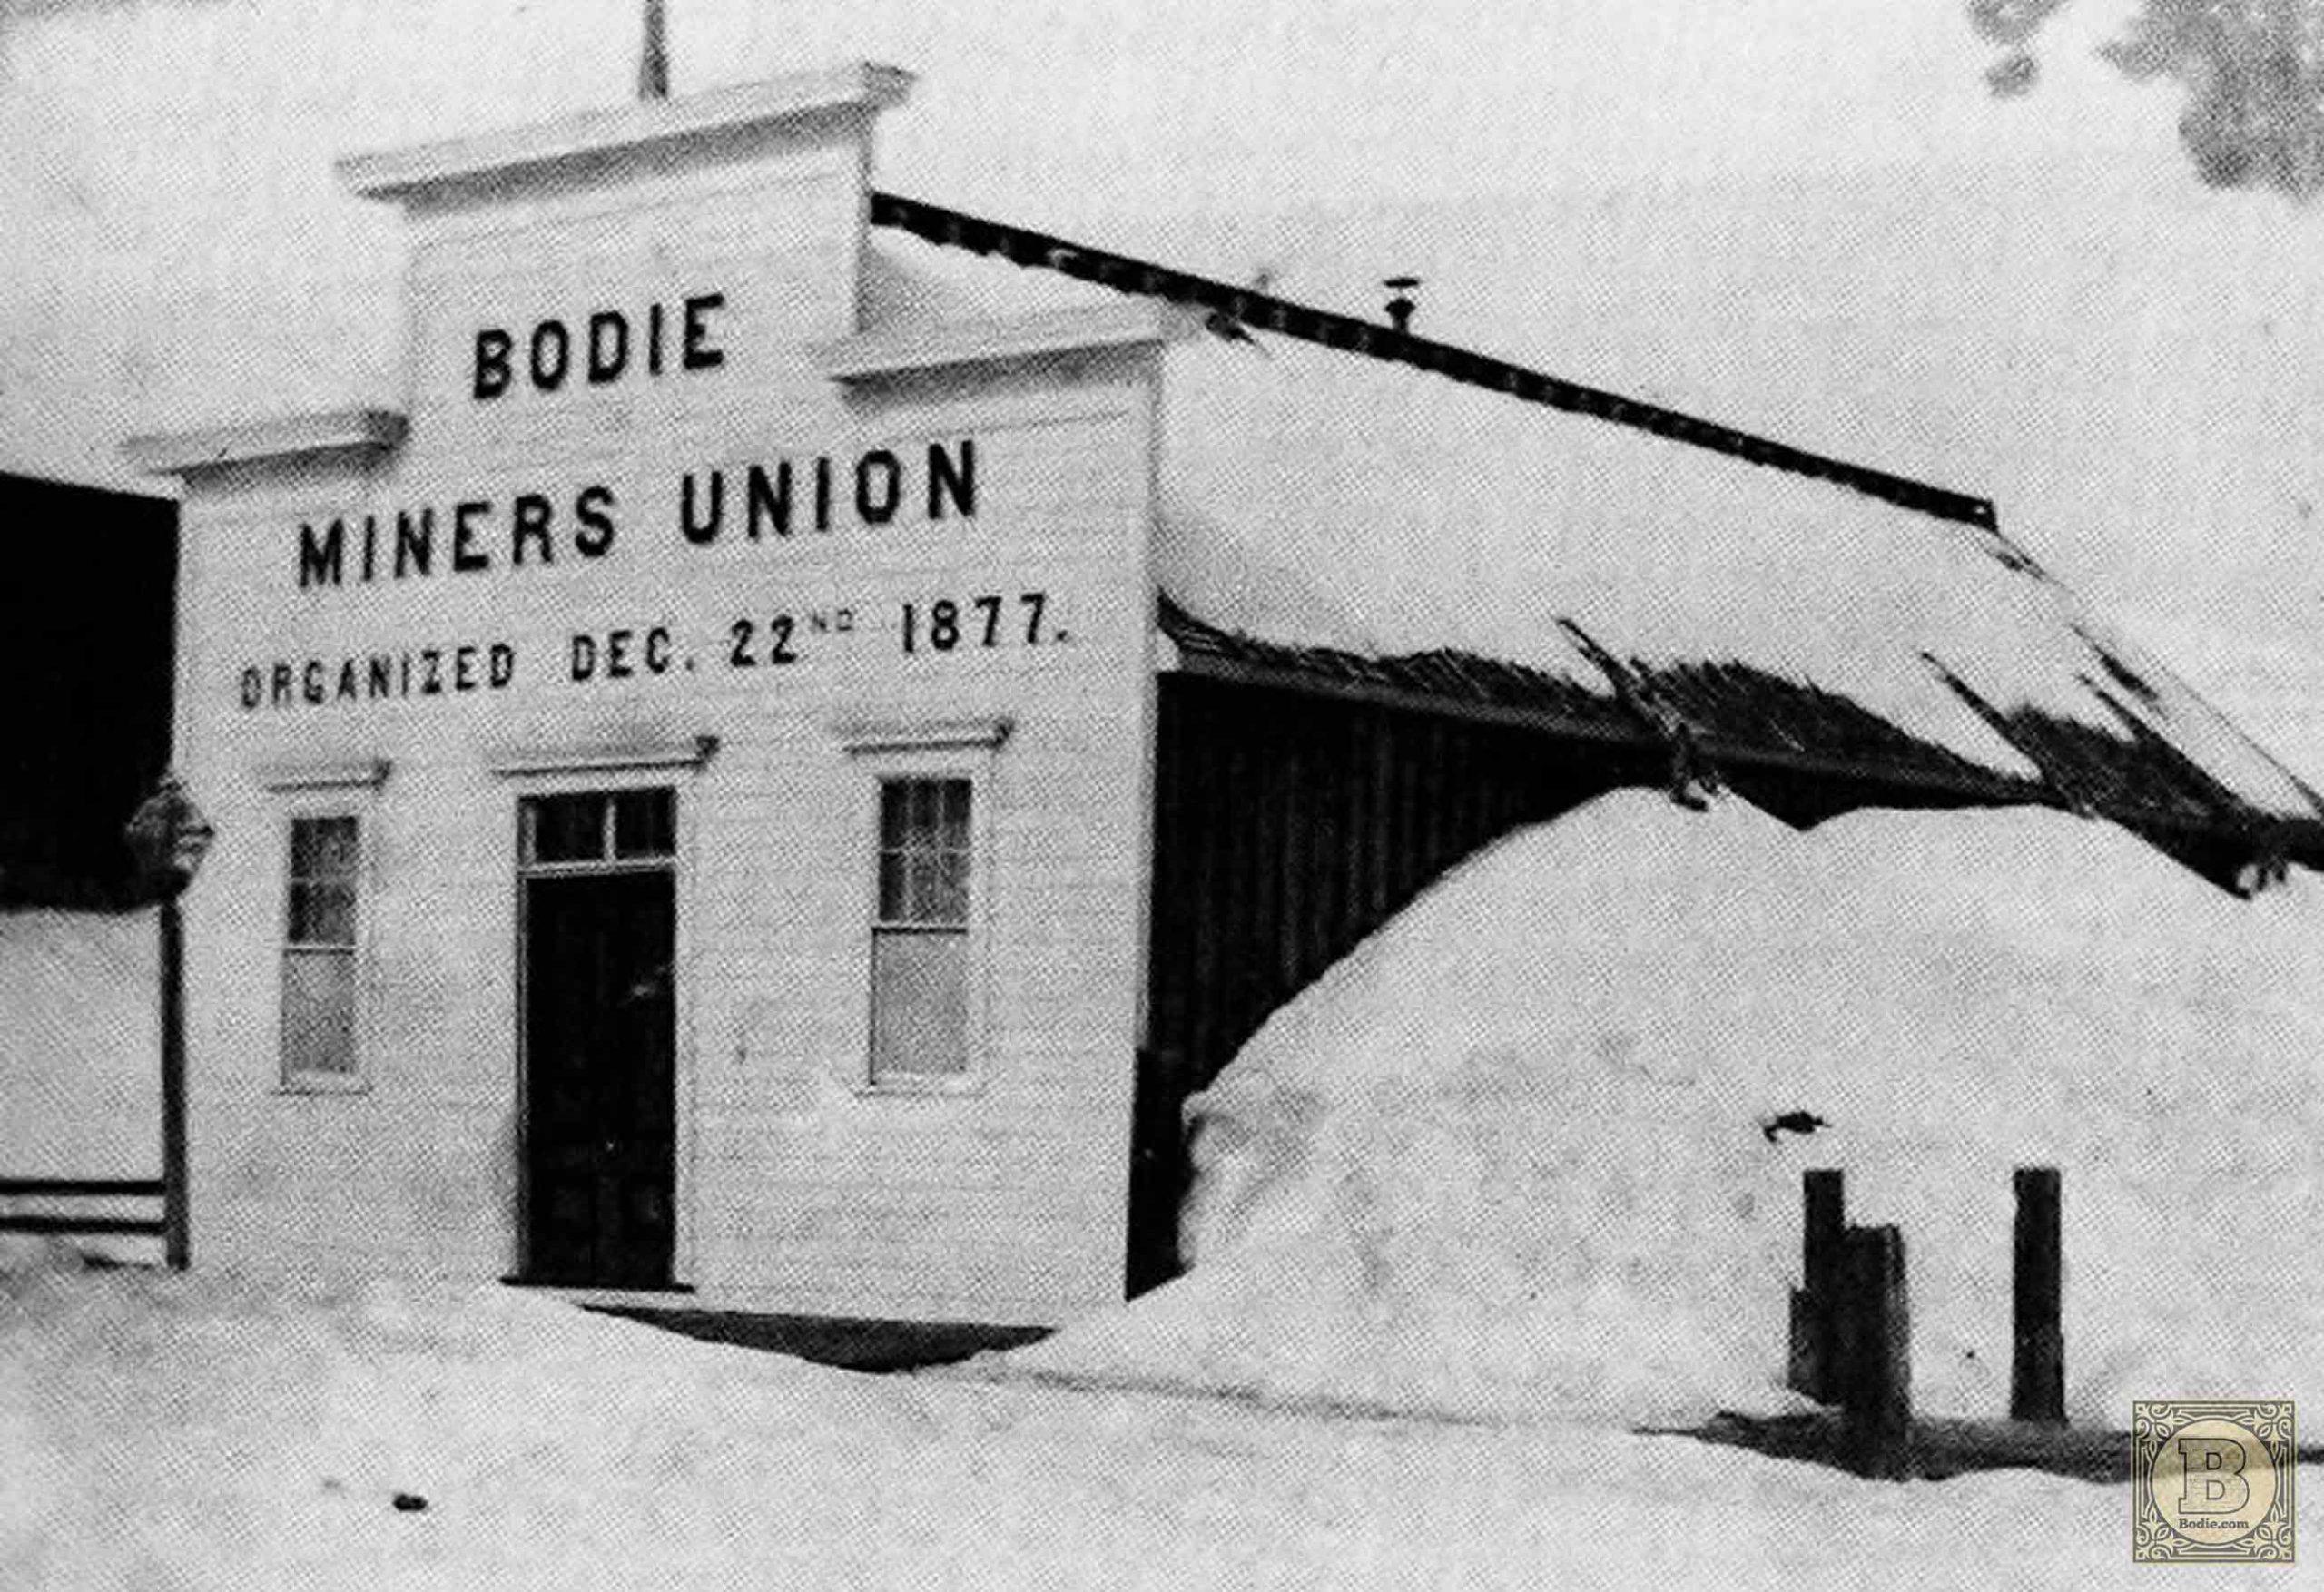 Bodie Miners' Union Hall - 1881 | Bodie.com